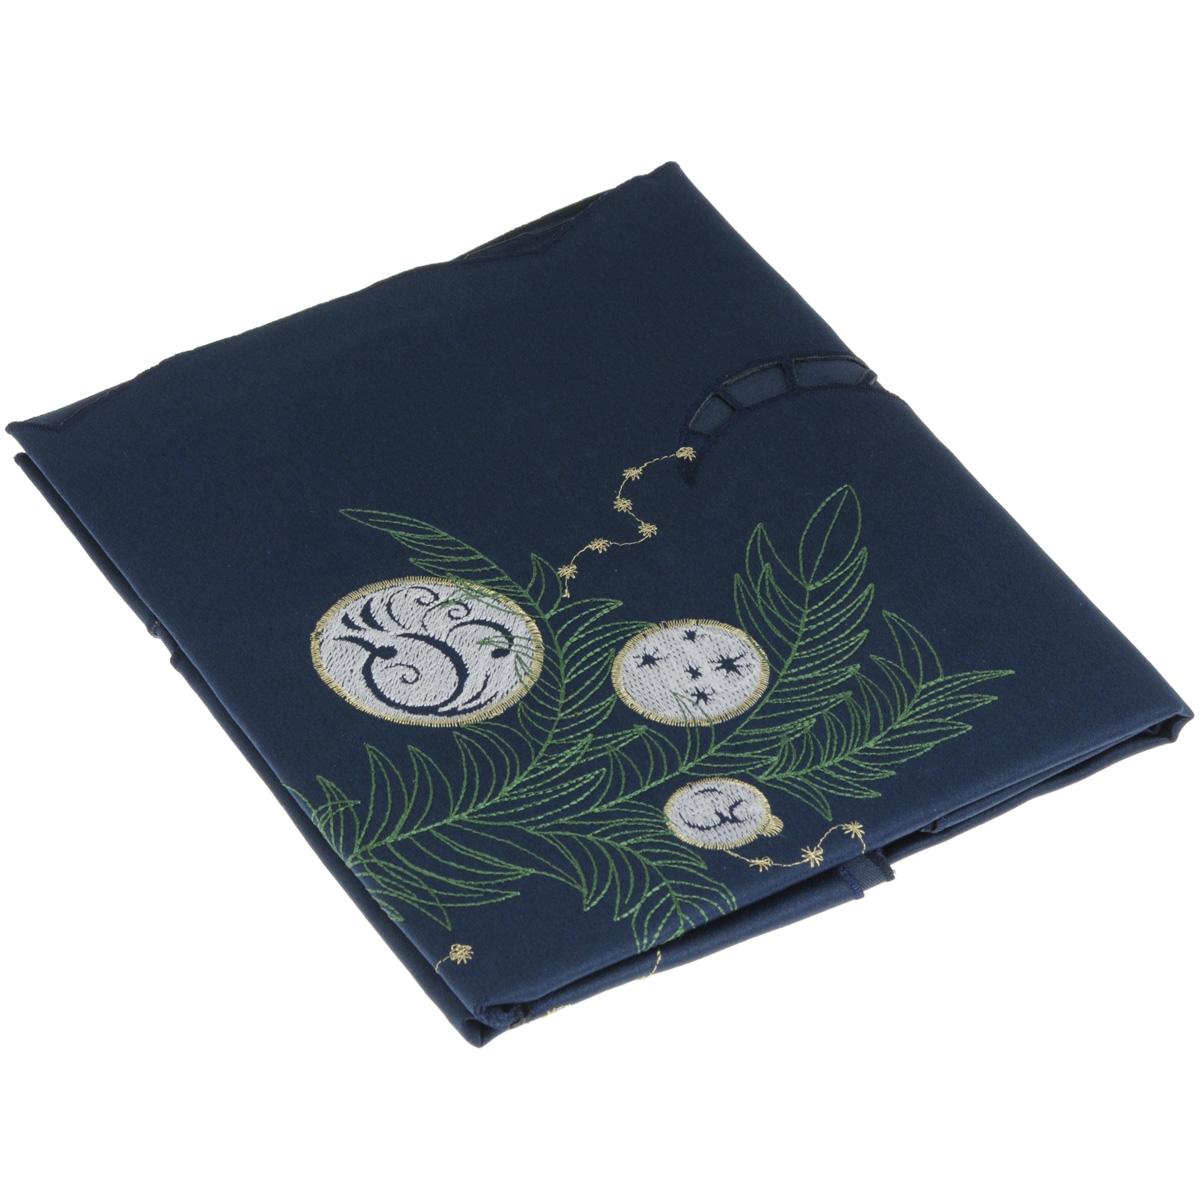 Скатерть Home Queen Шарики, квадратная, цвет: синий, 85x 85 см63966Новогодняя скатерть Queen Шарики изящно украсит праздничный стол.Изделие выполнено из плотной полиэстеровой ткани, украшенной яркойдекоративной ажурной вышивкой в виде елочных шаров. Изделие можно использоватьповерх однотонной скатерти или в качестве самостоятельного покрытия на стол. Скатерть Queen Шарики создаст новогоднее настроение и станетпрекрасным дополнением интерьера гостиной, кухни или столовой.